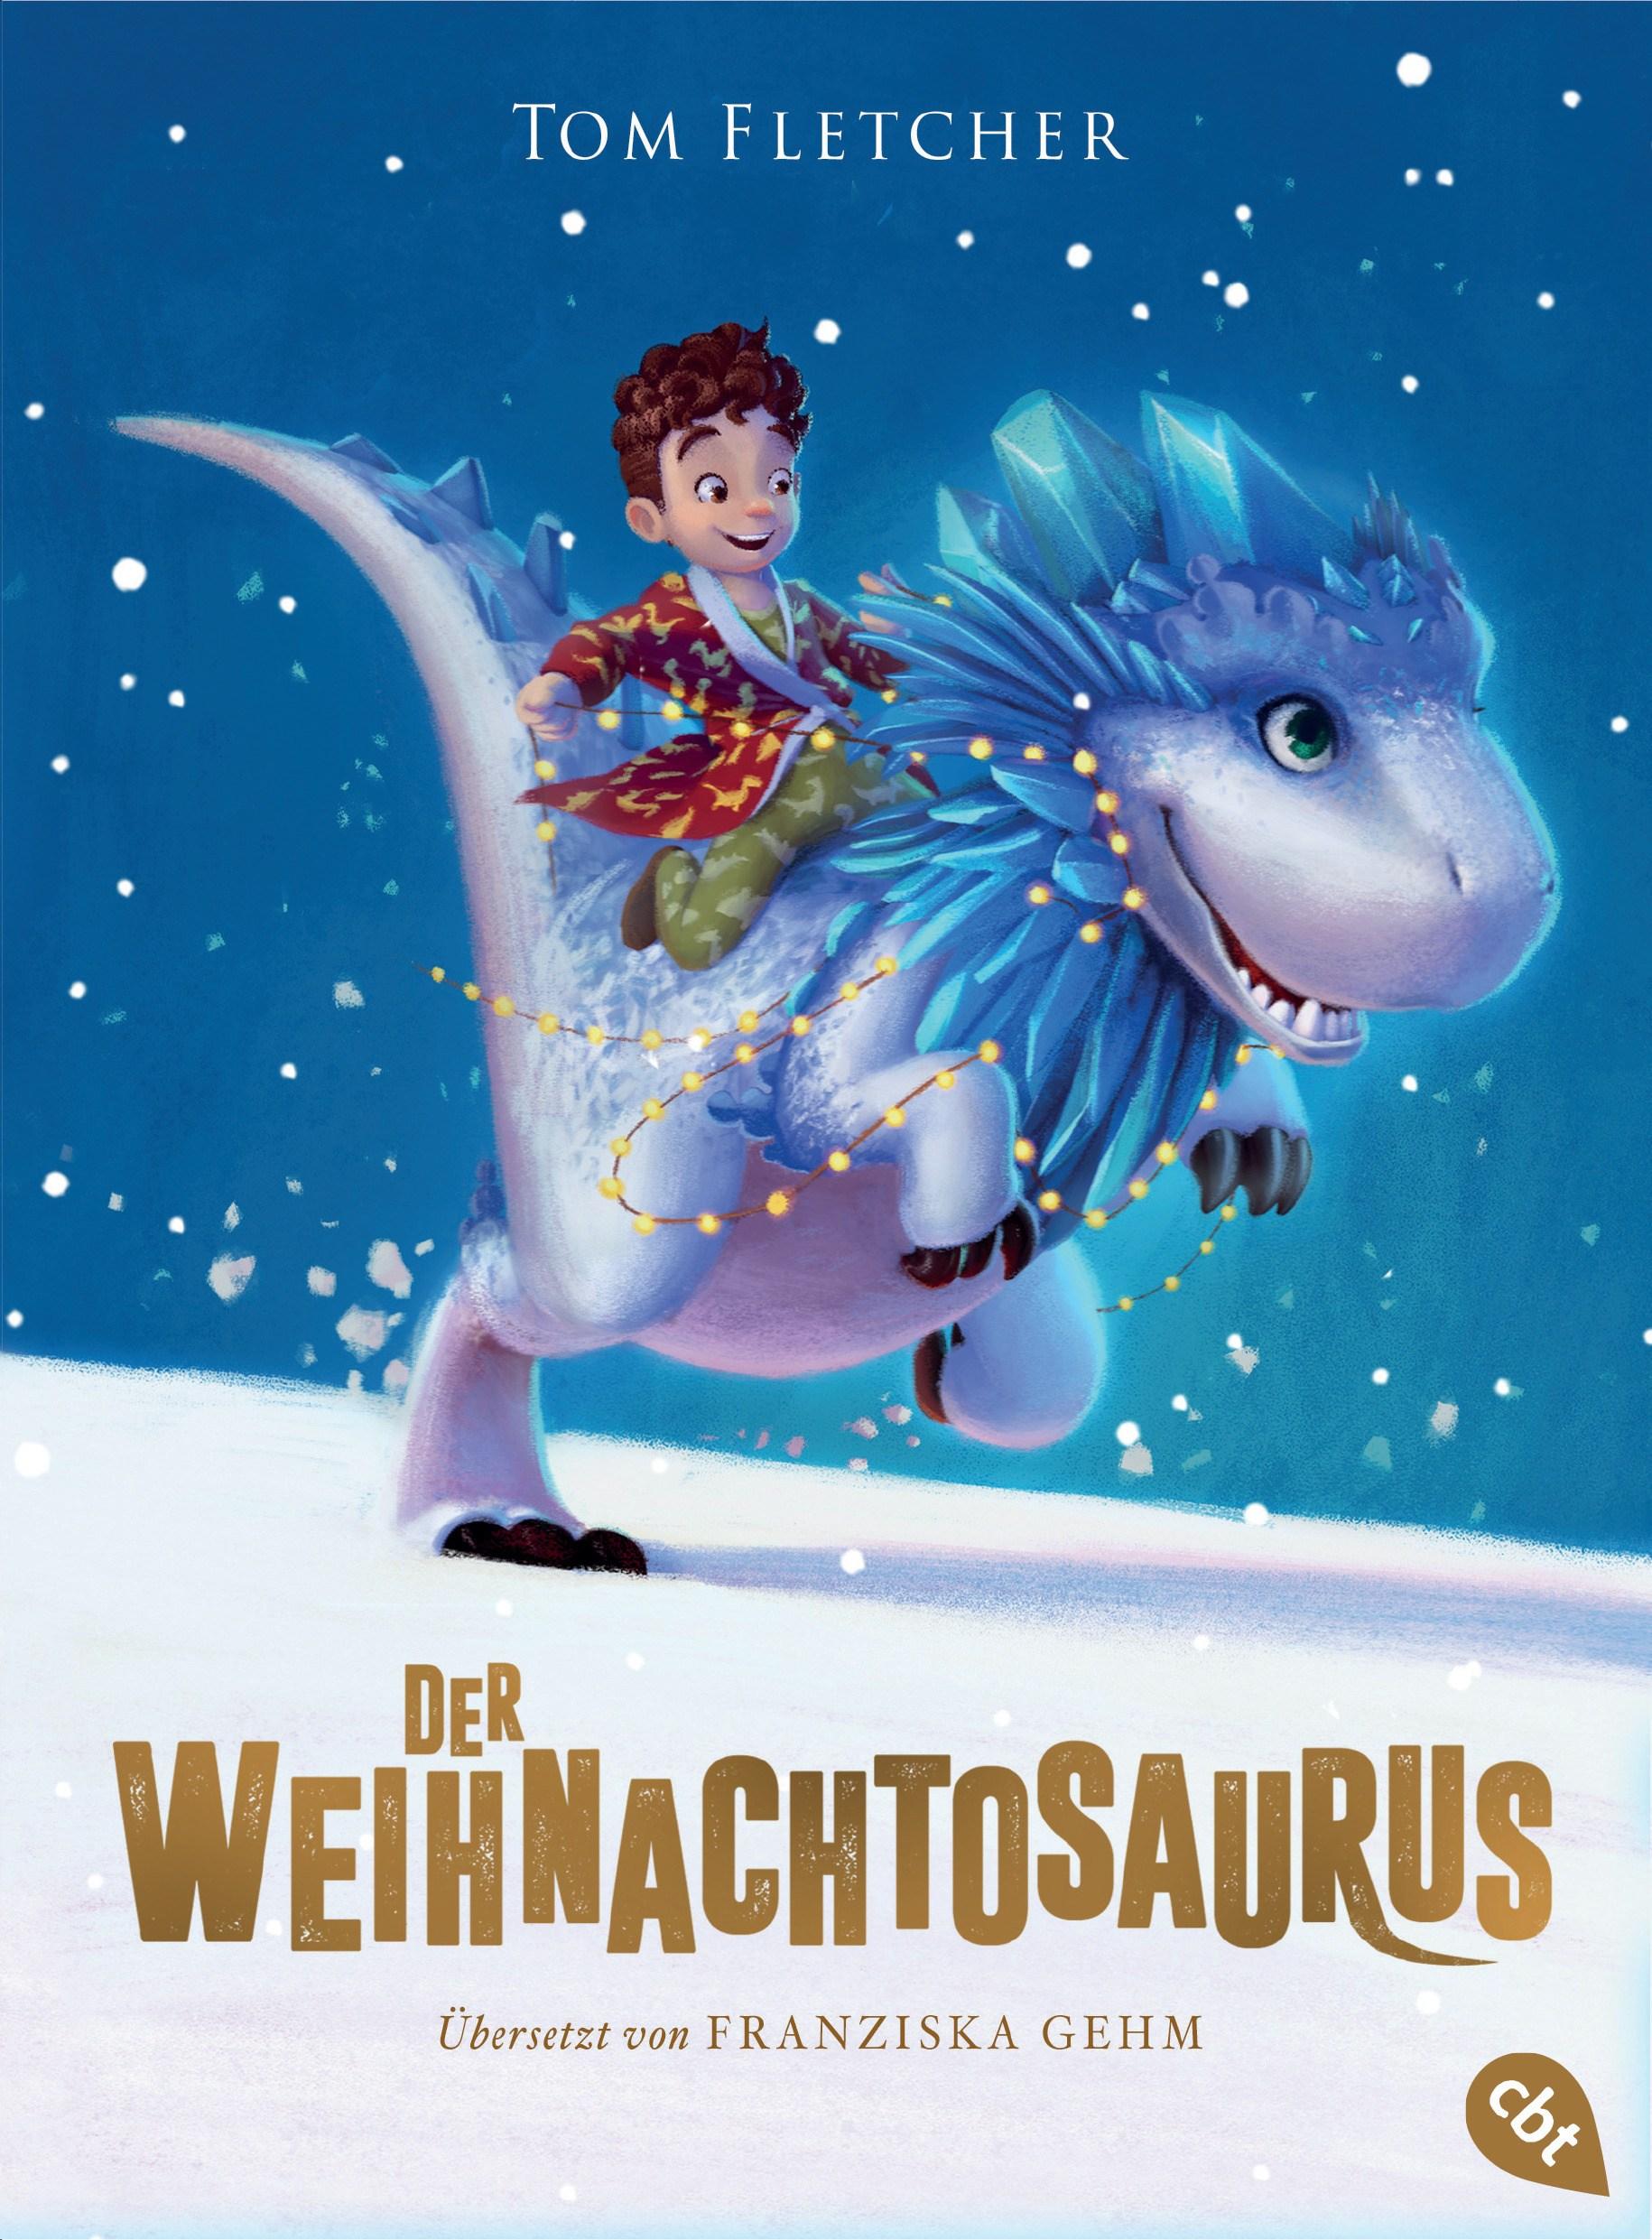 Der Weihnachtosaurus von Tom Fletcher